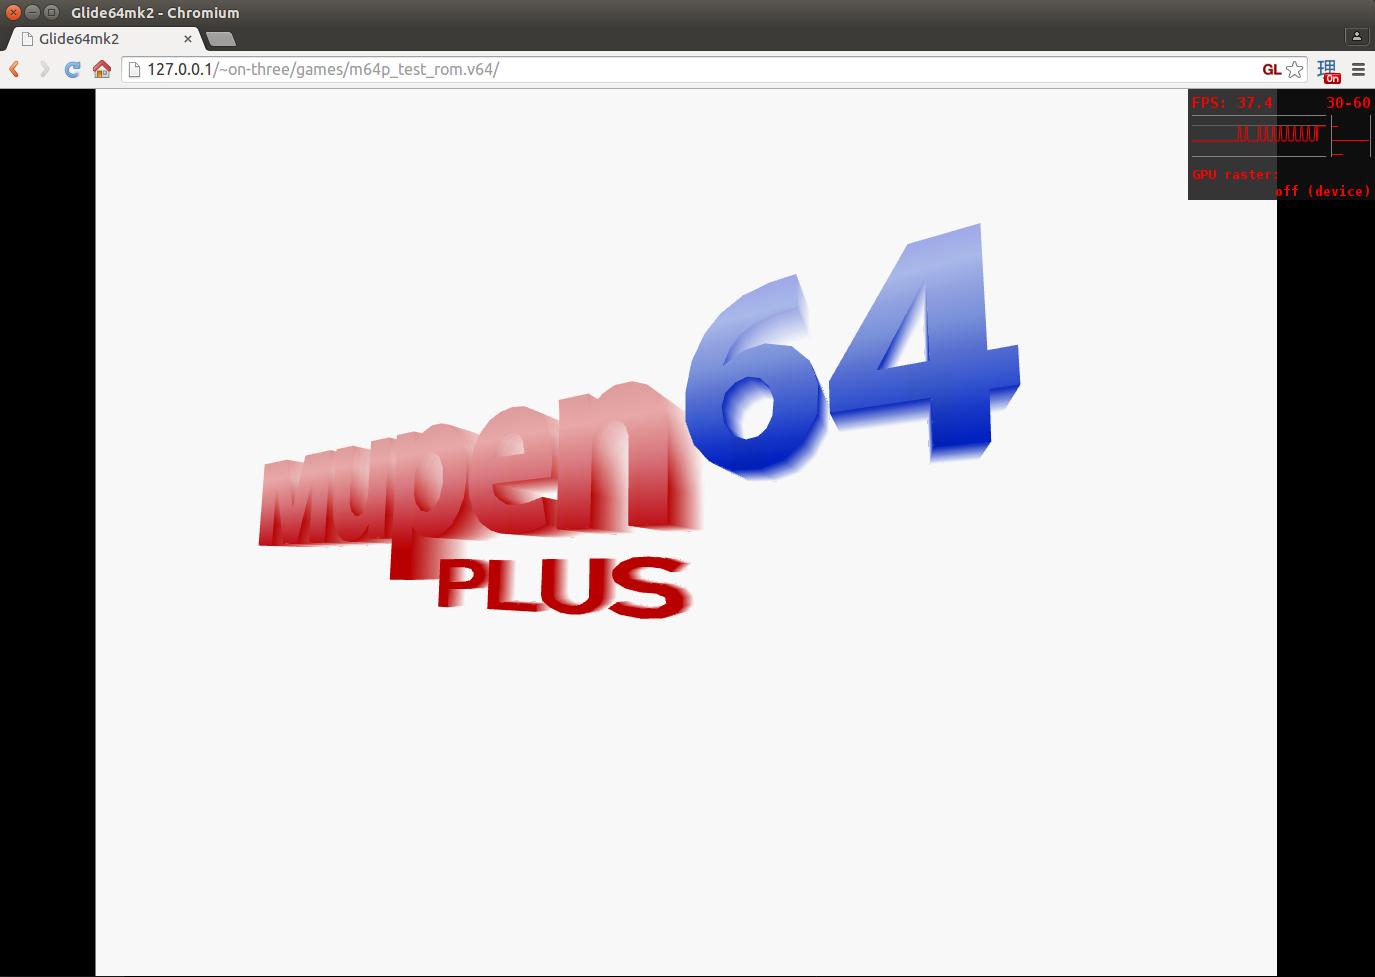 GitHub - johnoneil/mupen64plus-web: Emscripten based web port of